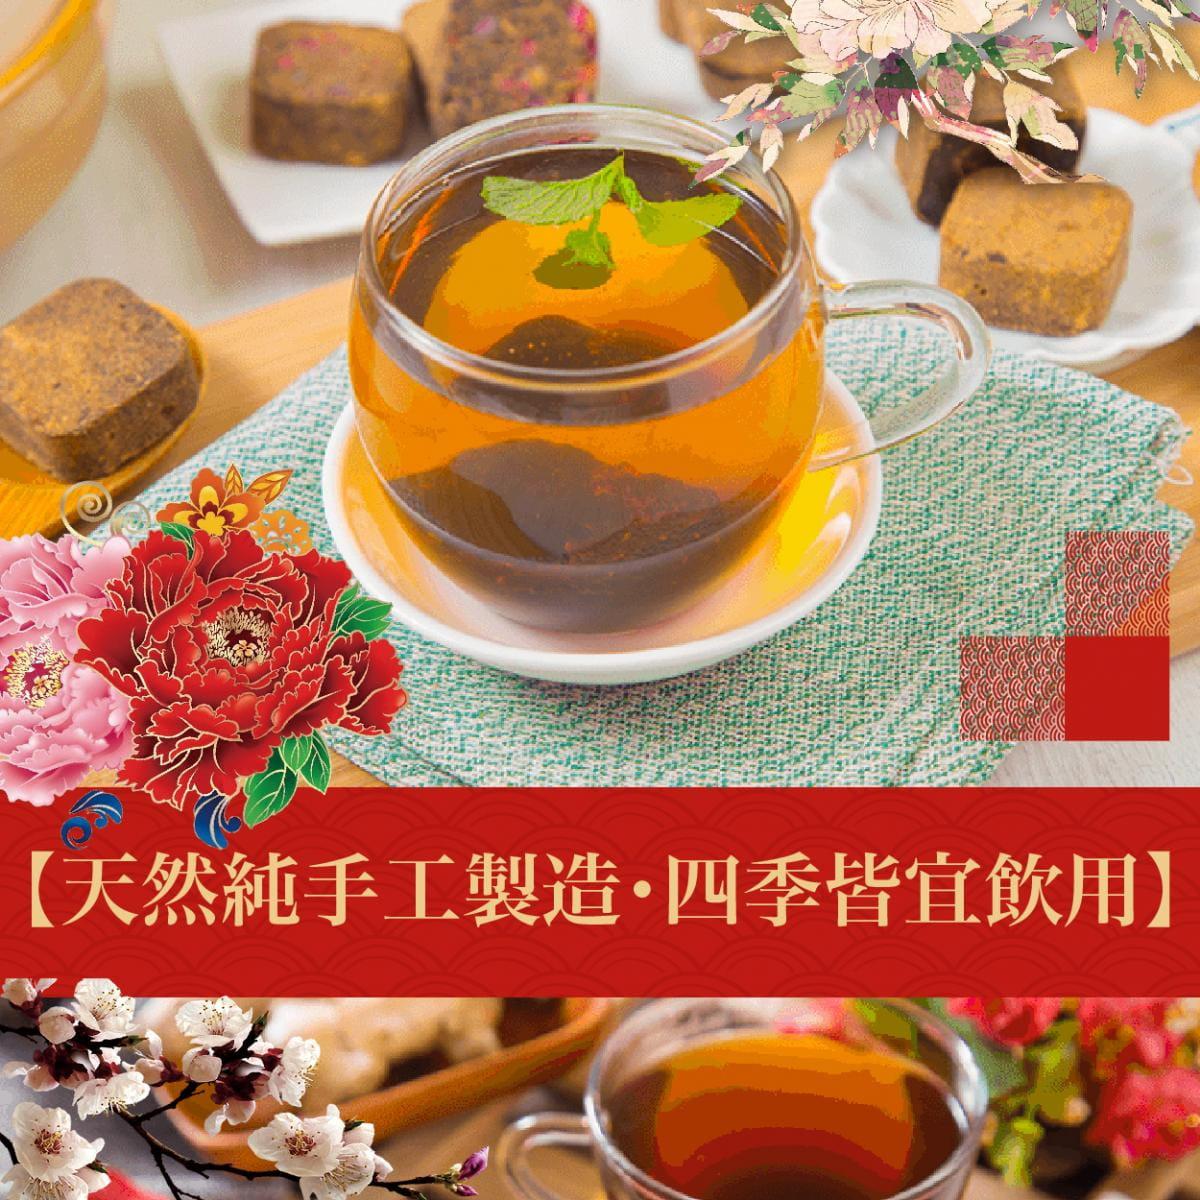 【台灣上青】養生黑糖塊系列 (七種口味任選) 2